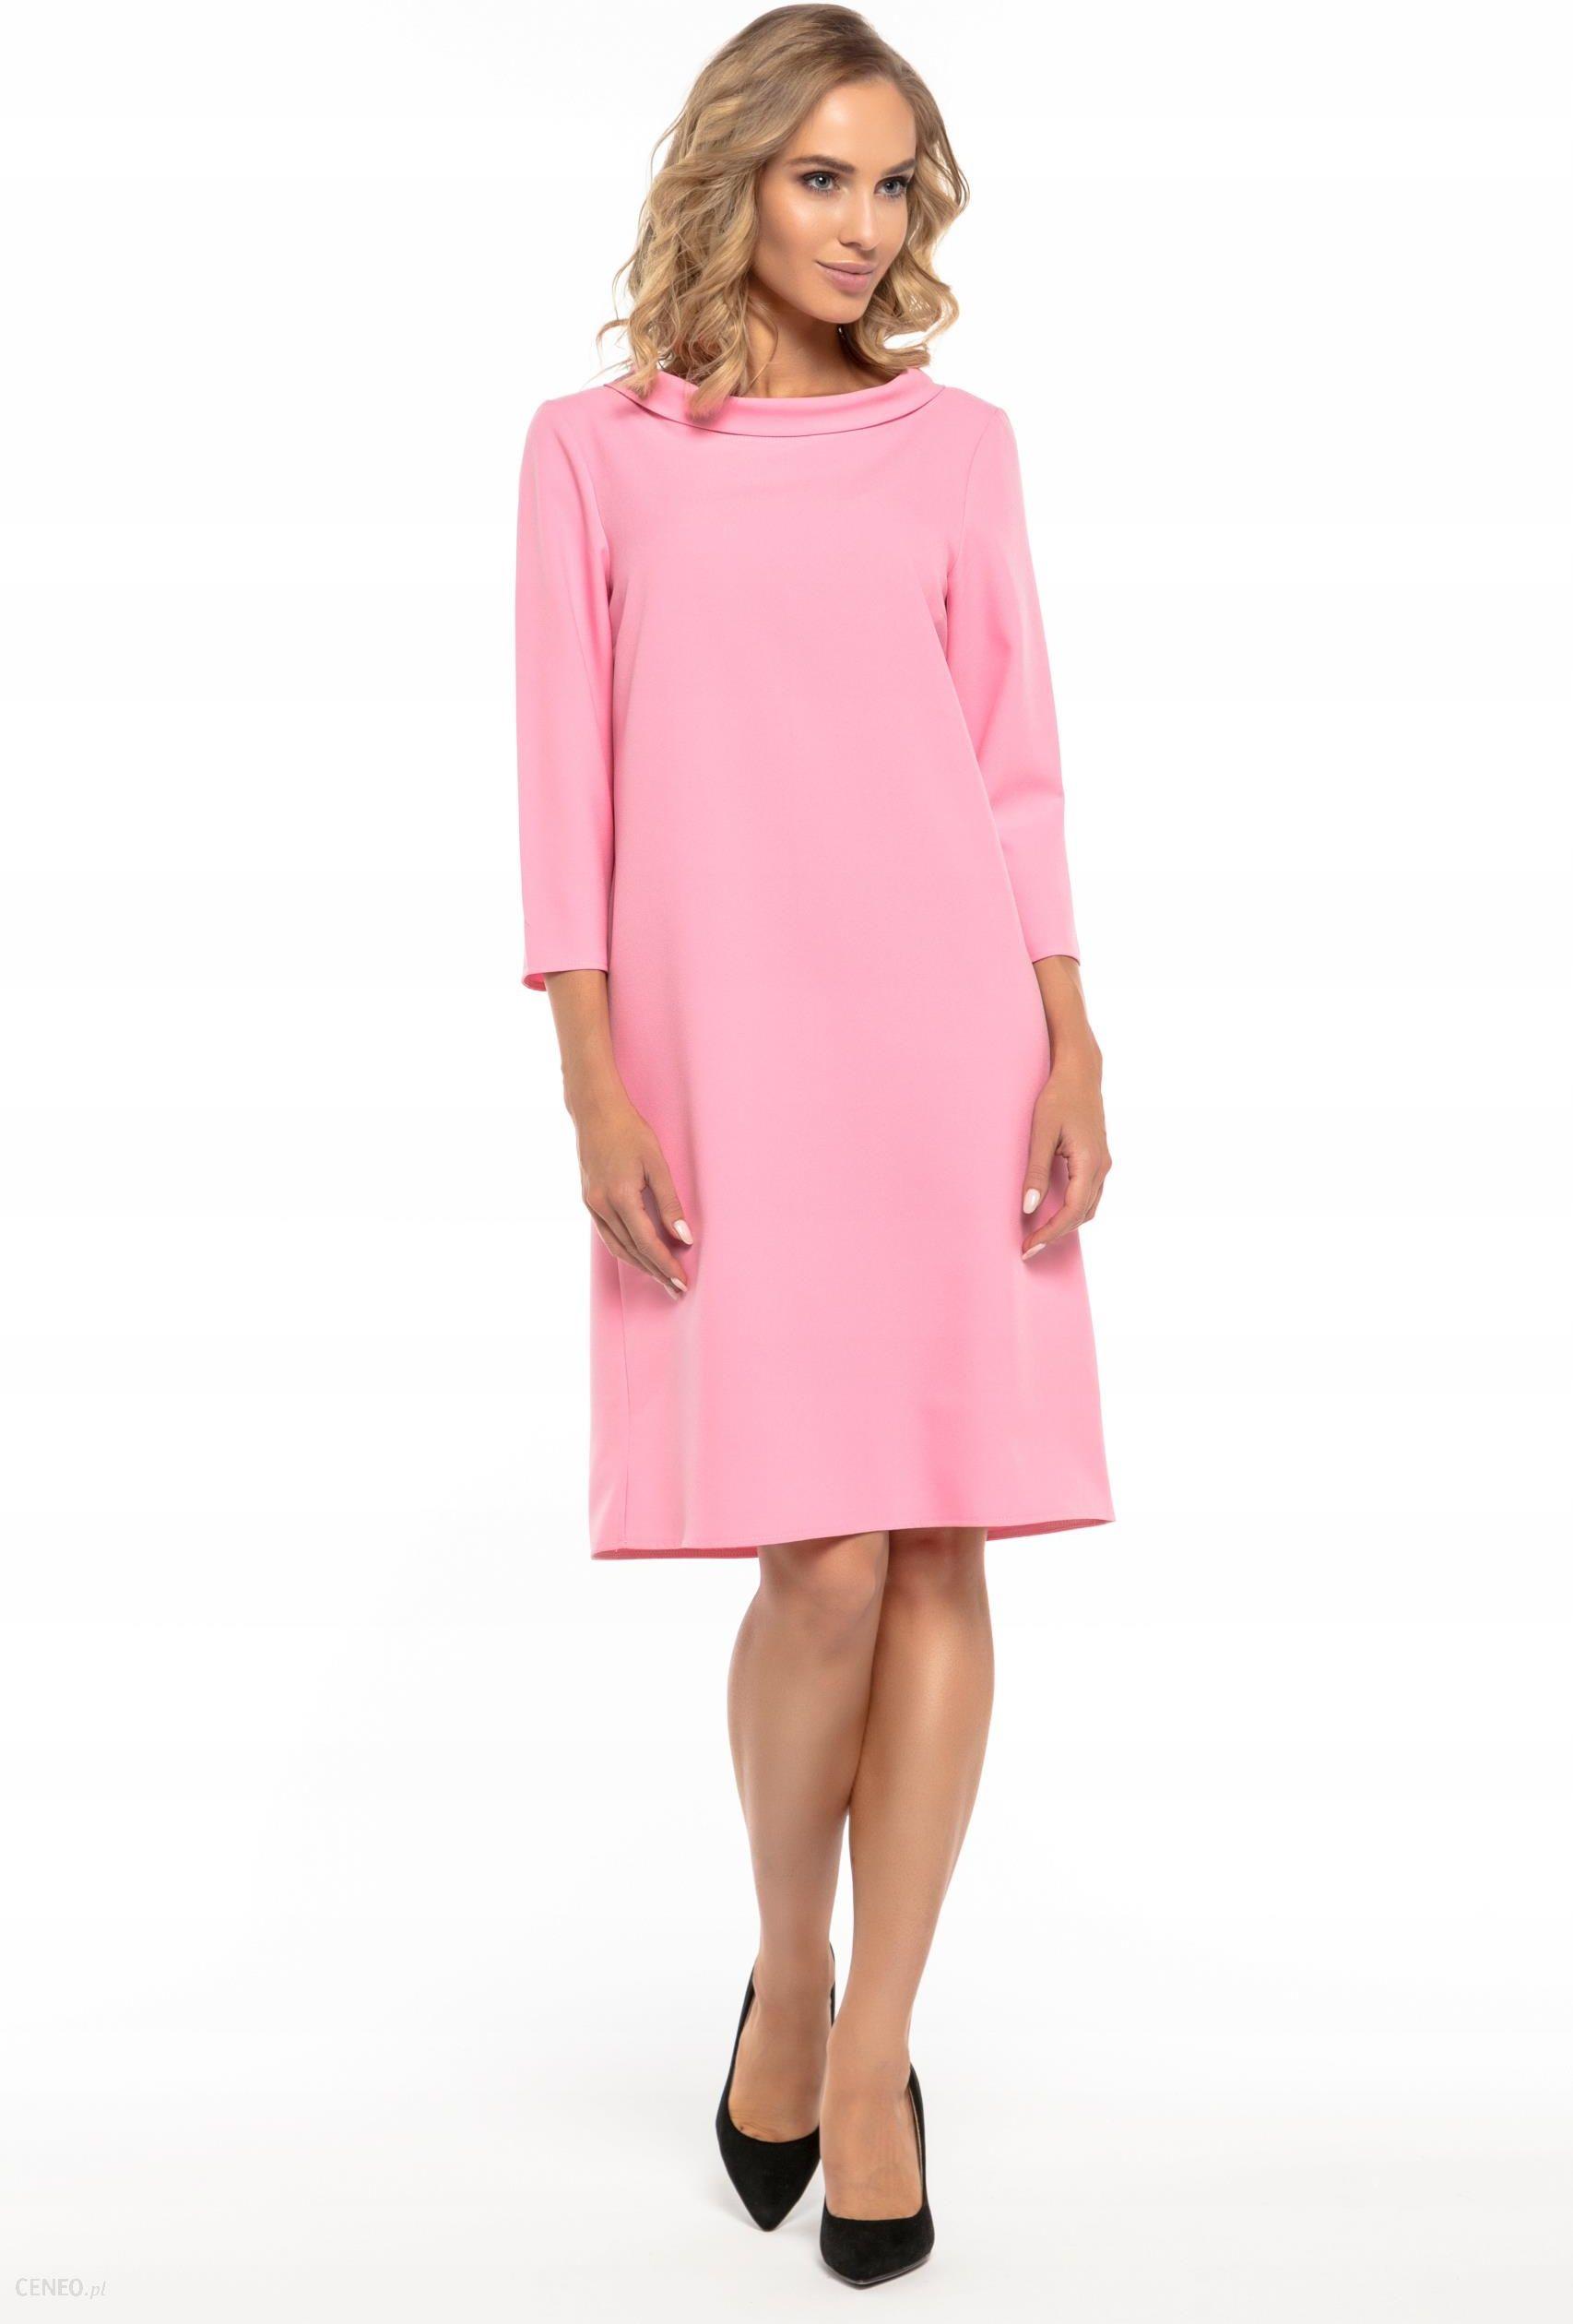 50590905d2 TESSITA Elegancka sukienka z kołnierzem S (36) - Ceny i opinie ...